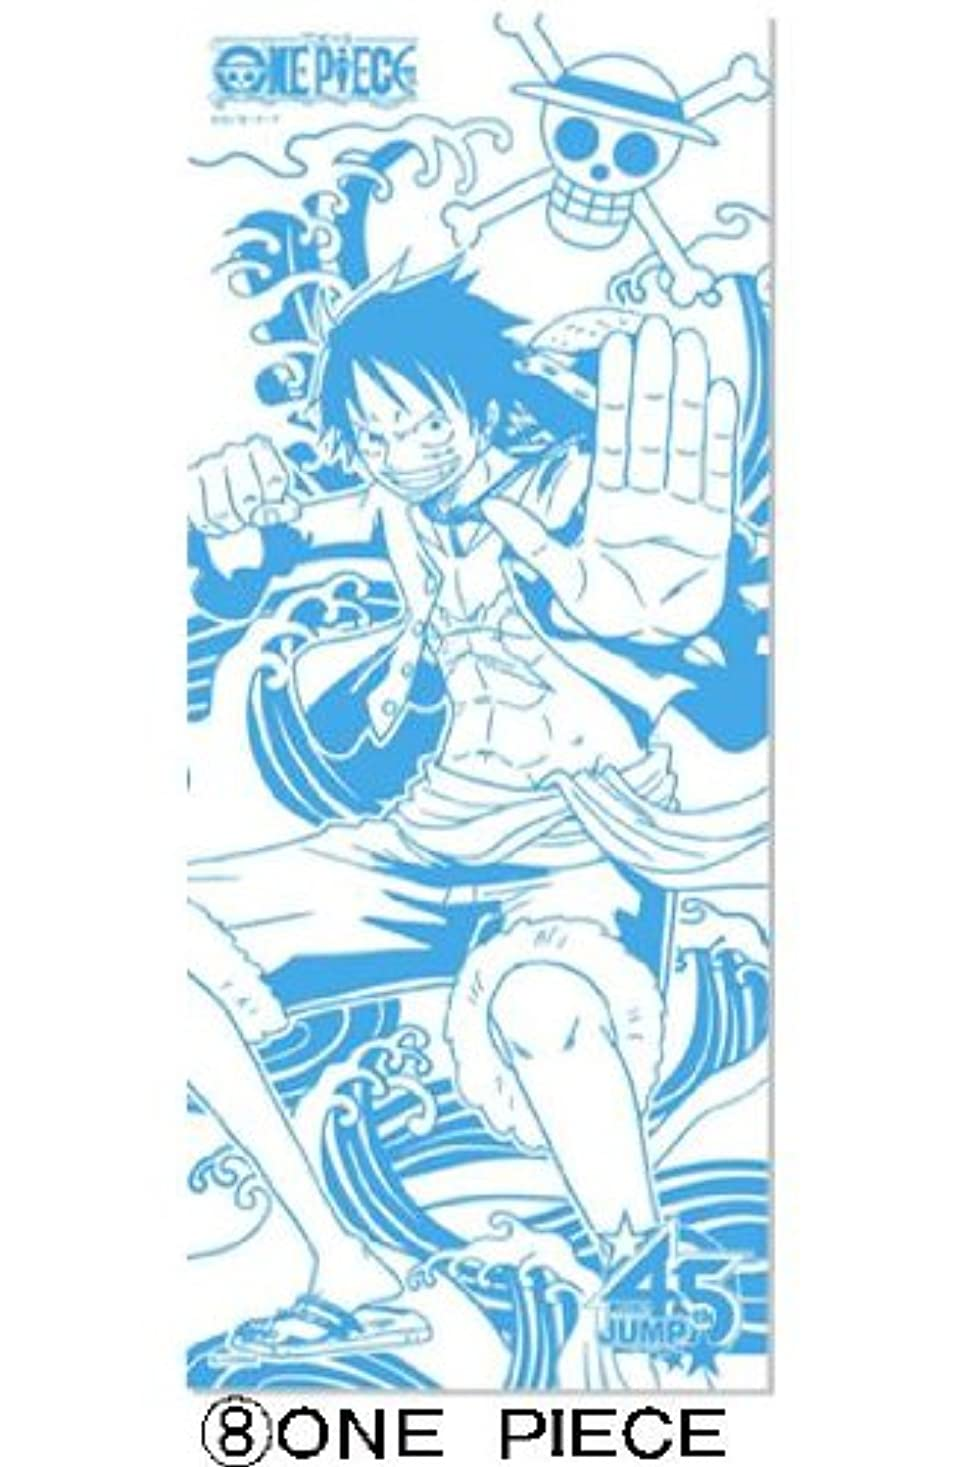 わかりやすい再生あいさつ週刊少年ジャンプ45周年記念J-STARS ミニ手ぬぐい付き入浴剤(ワンピース)